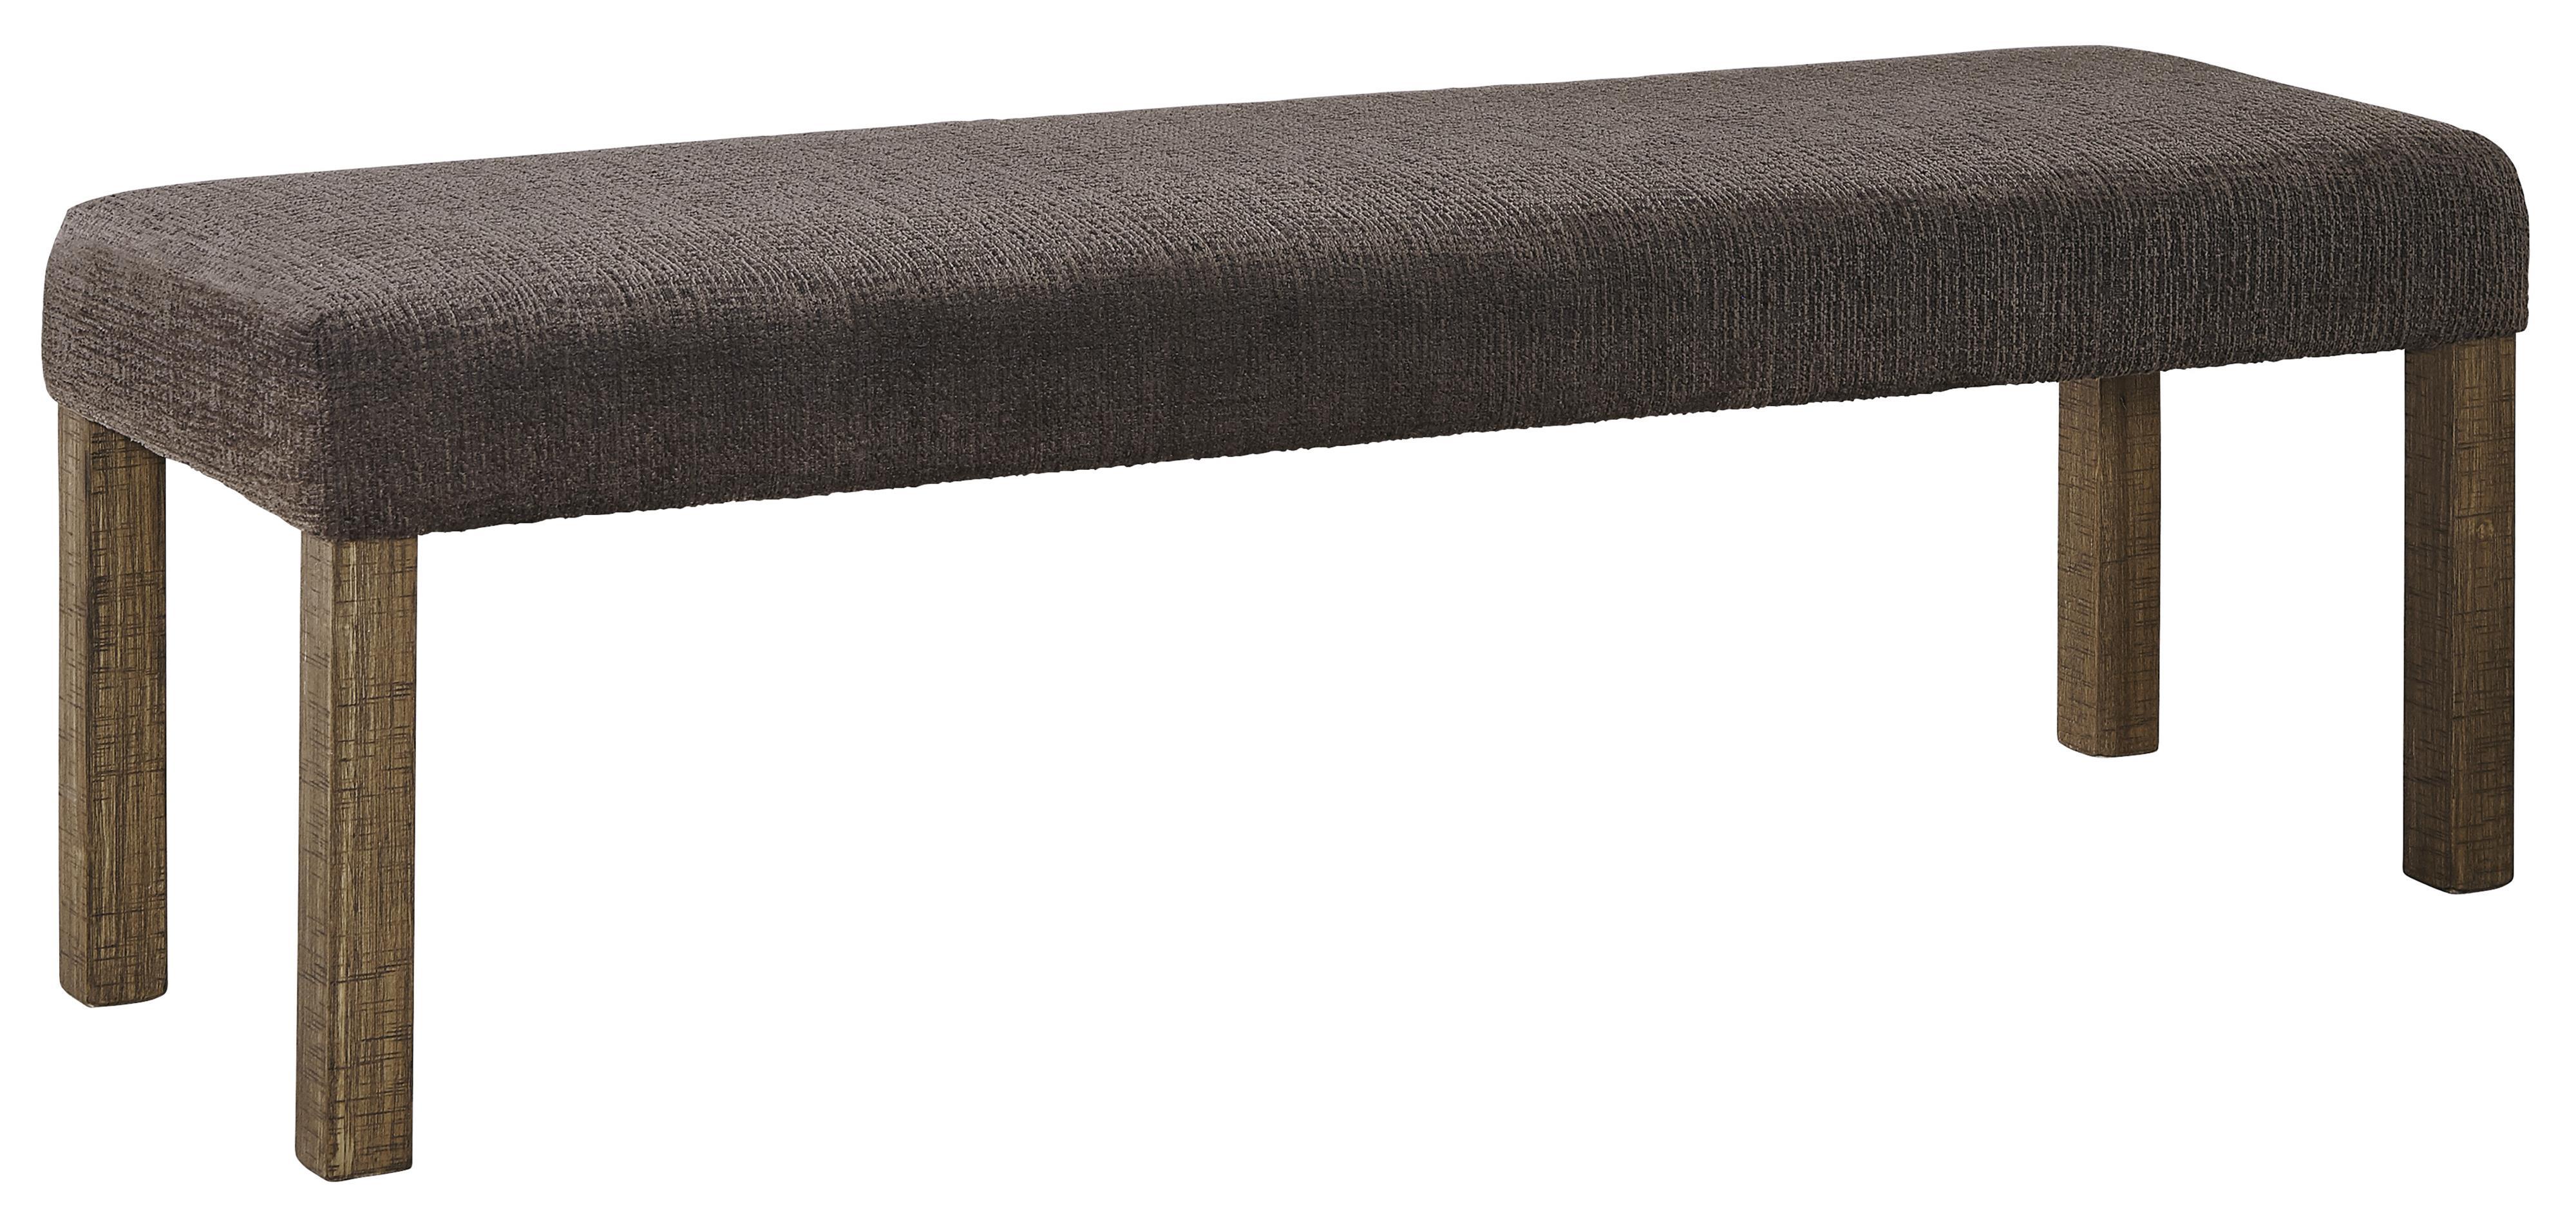 large upholstered dining room benchsignature designashley